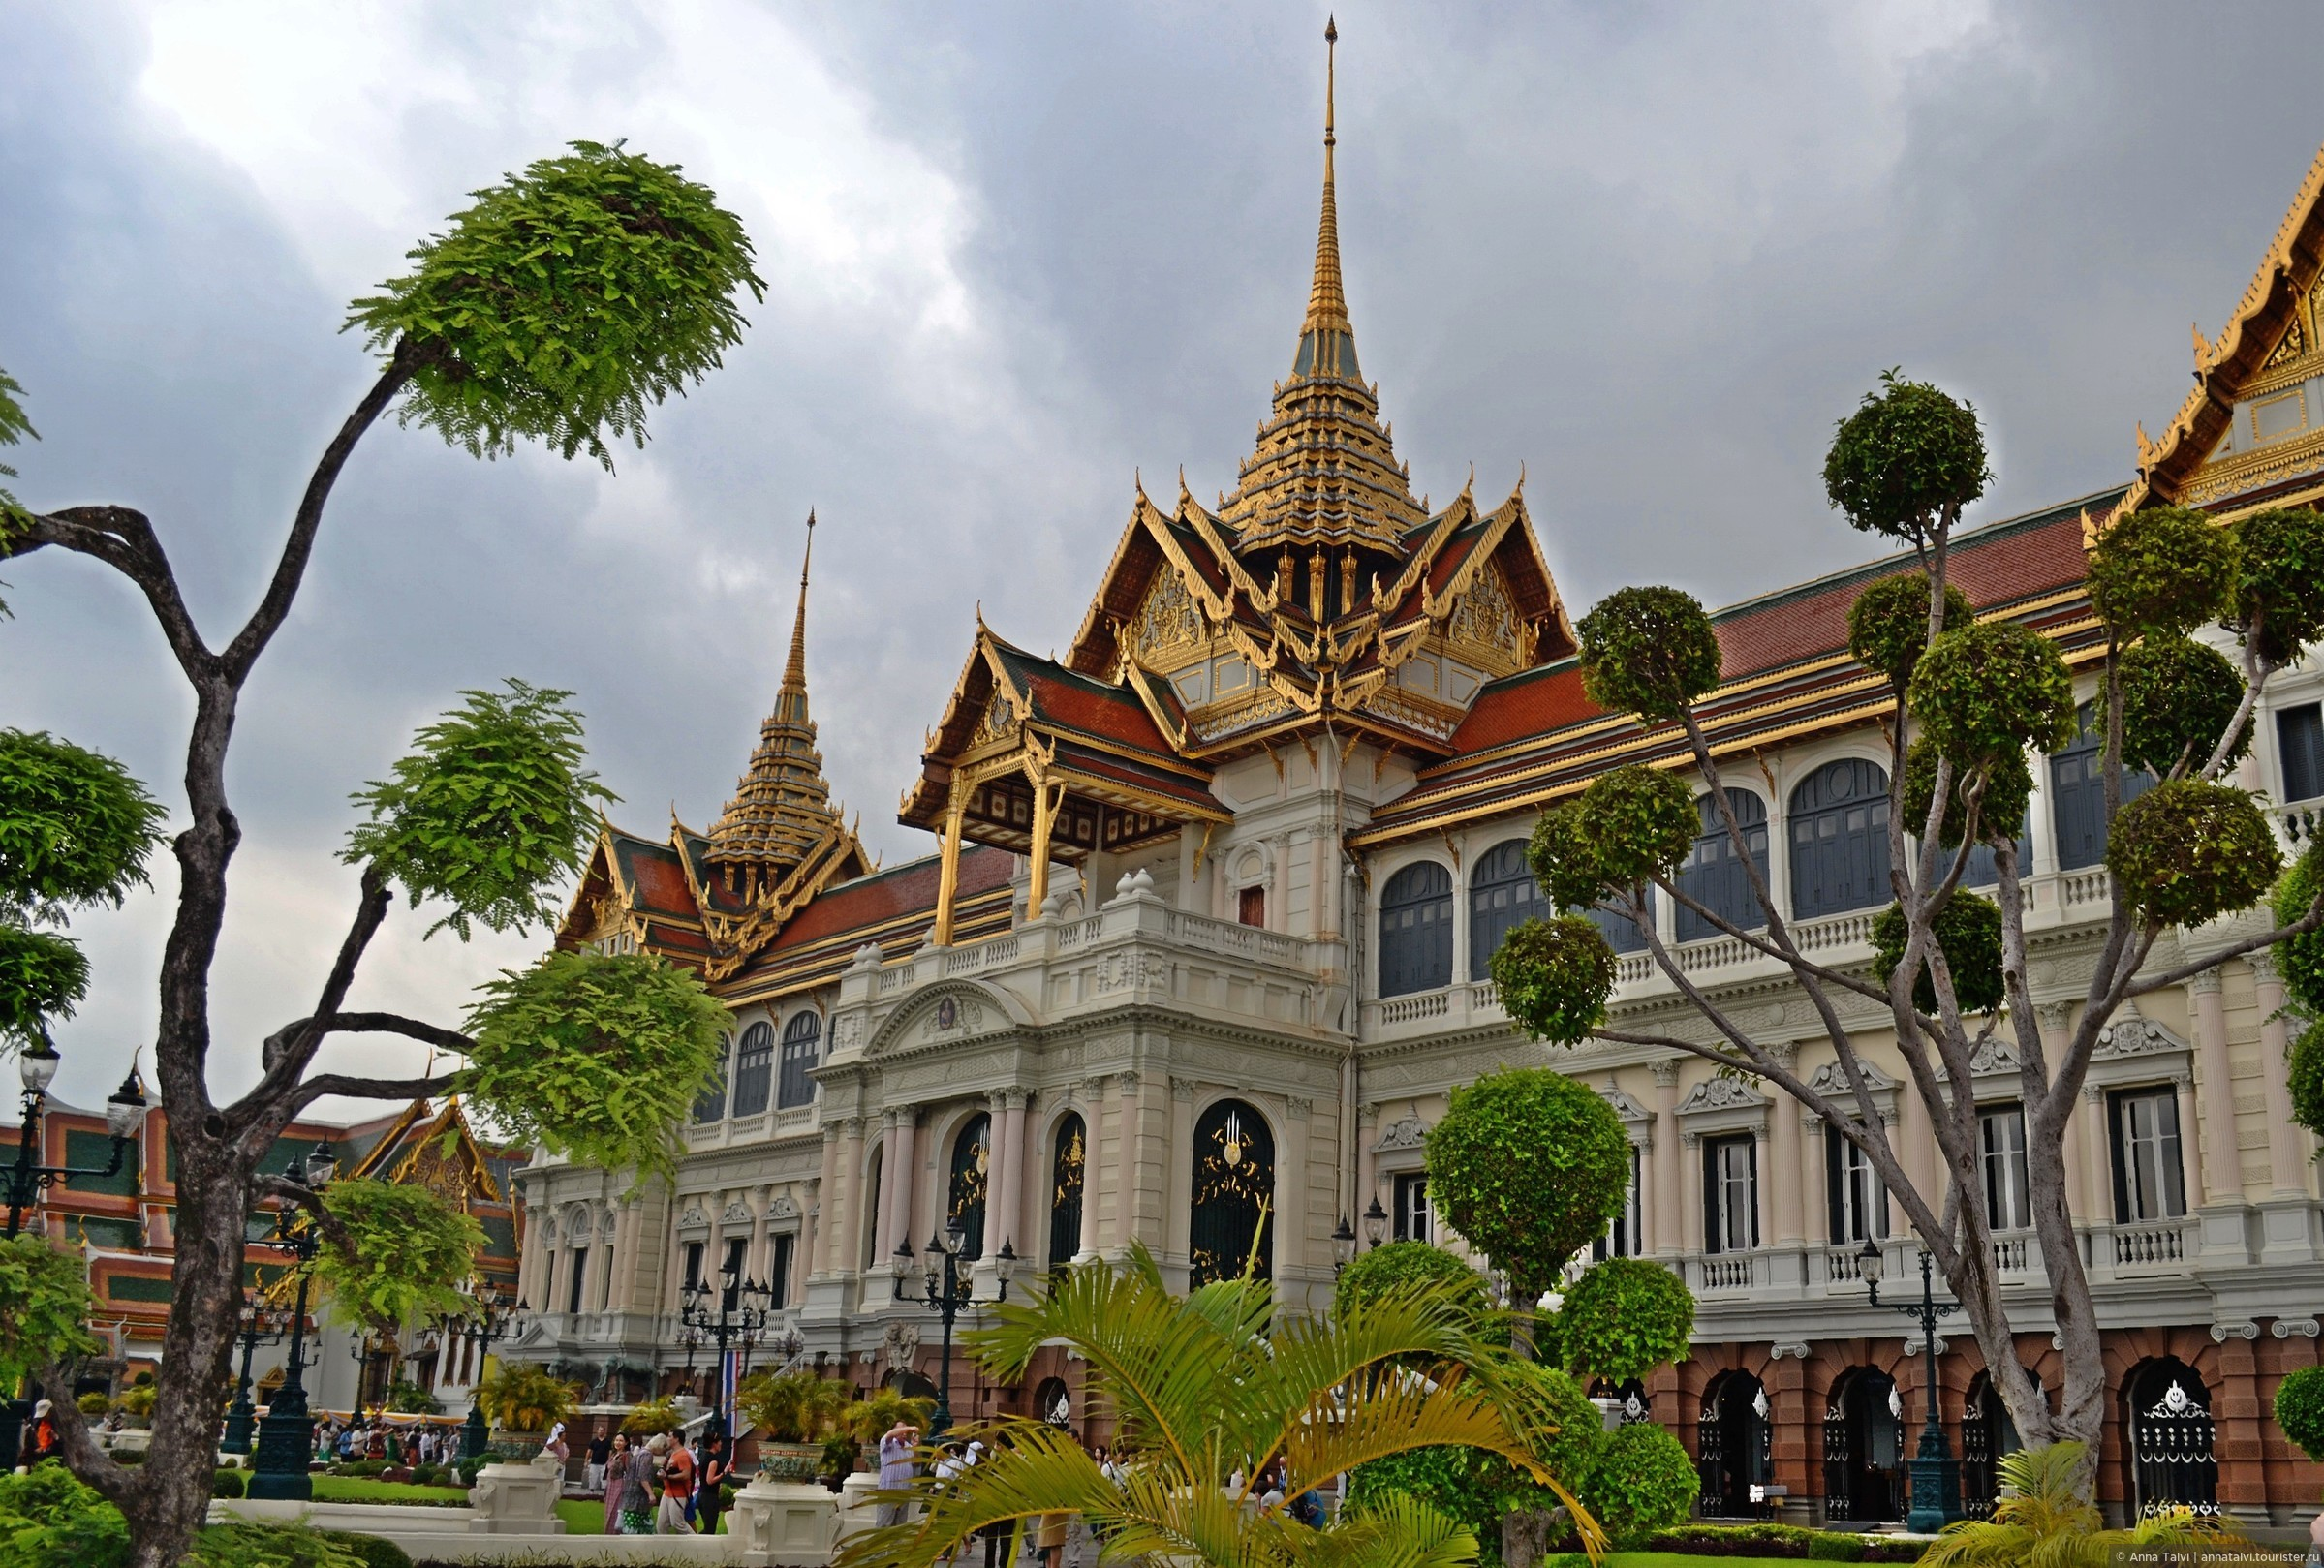 фото королевского дворца в бангкоке скончался